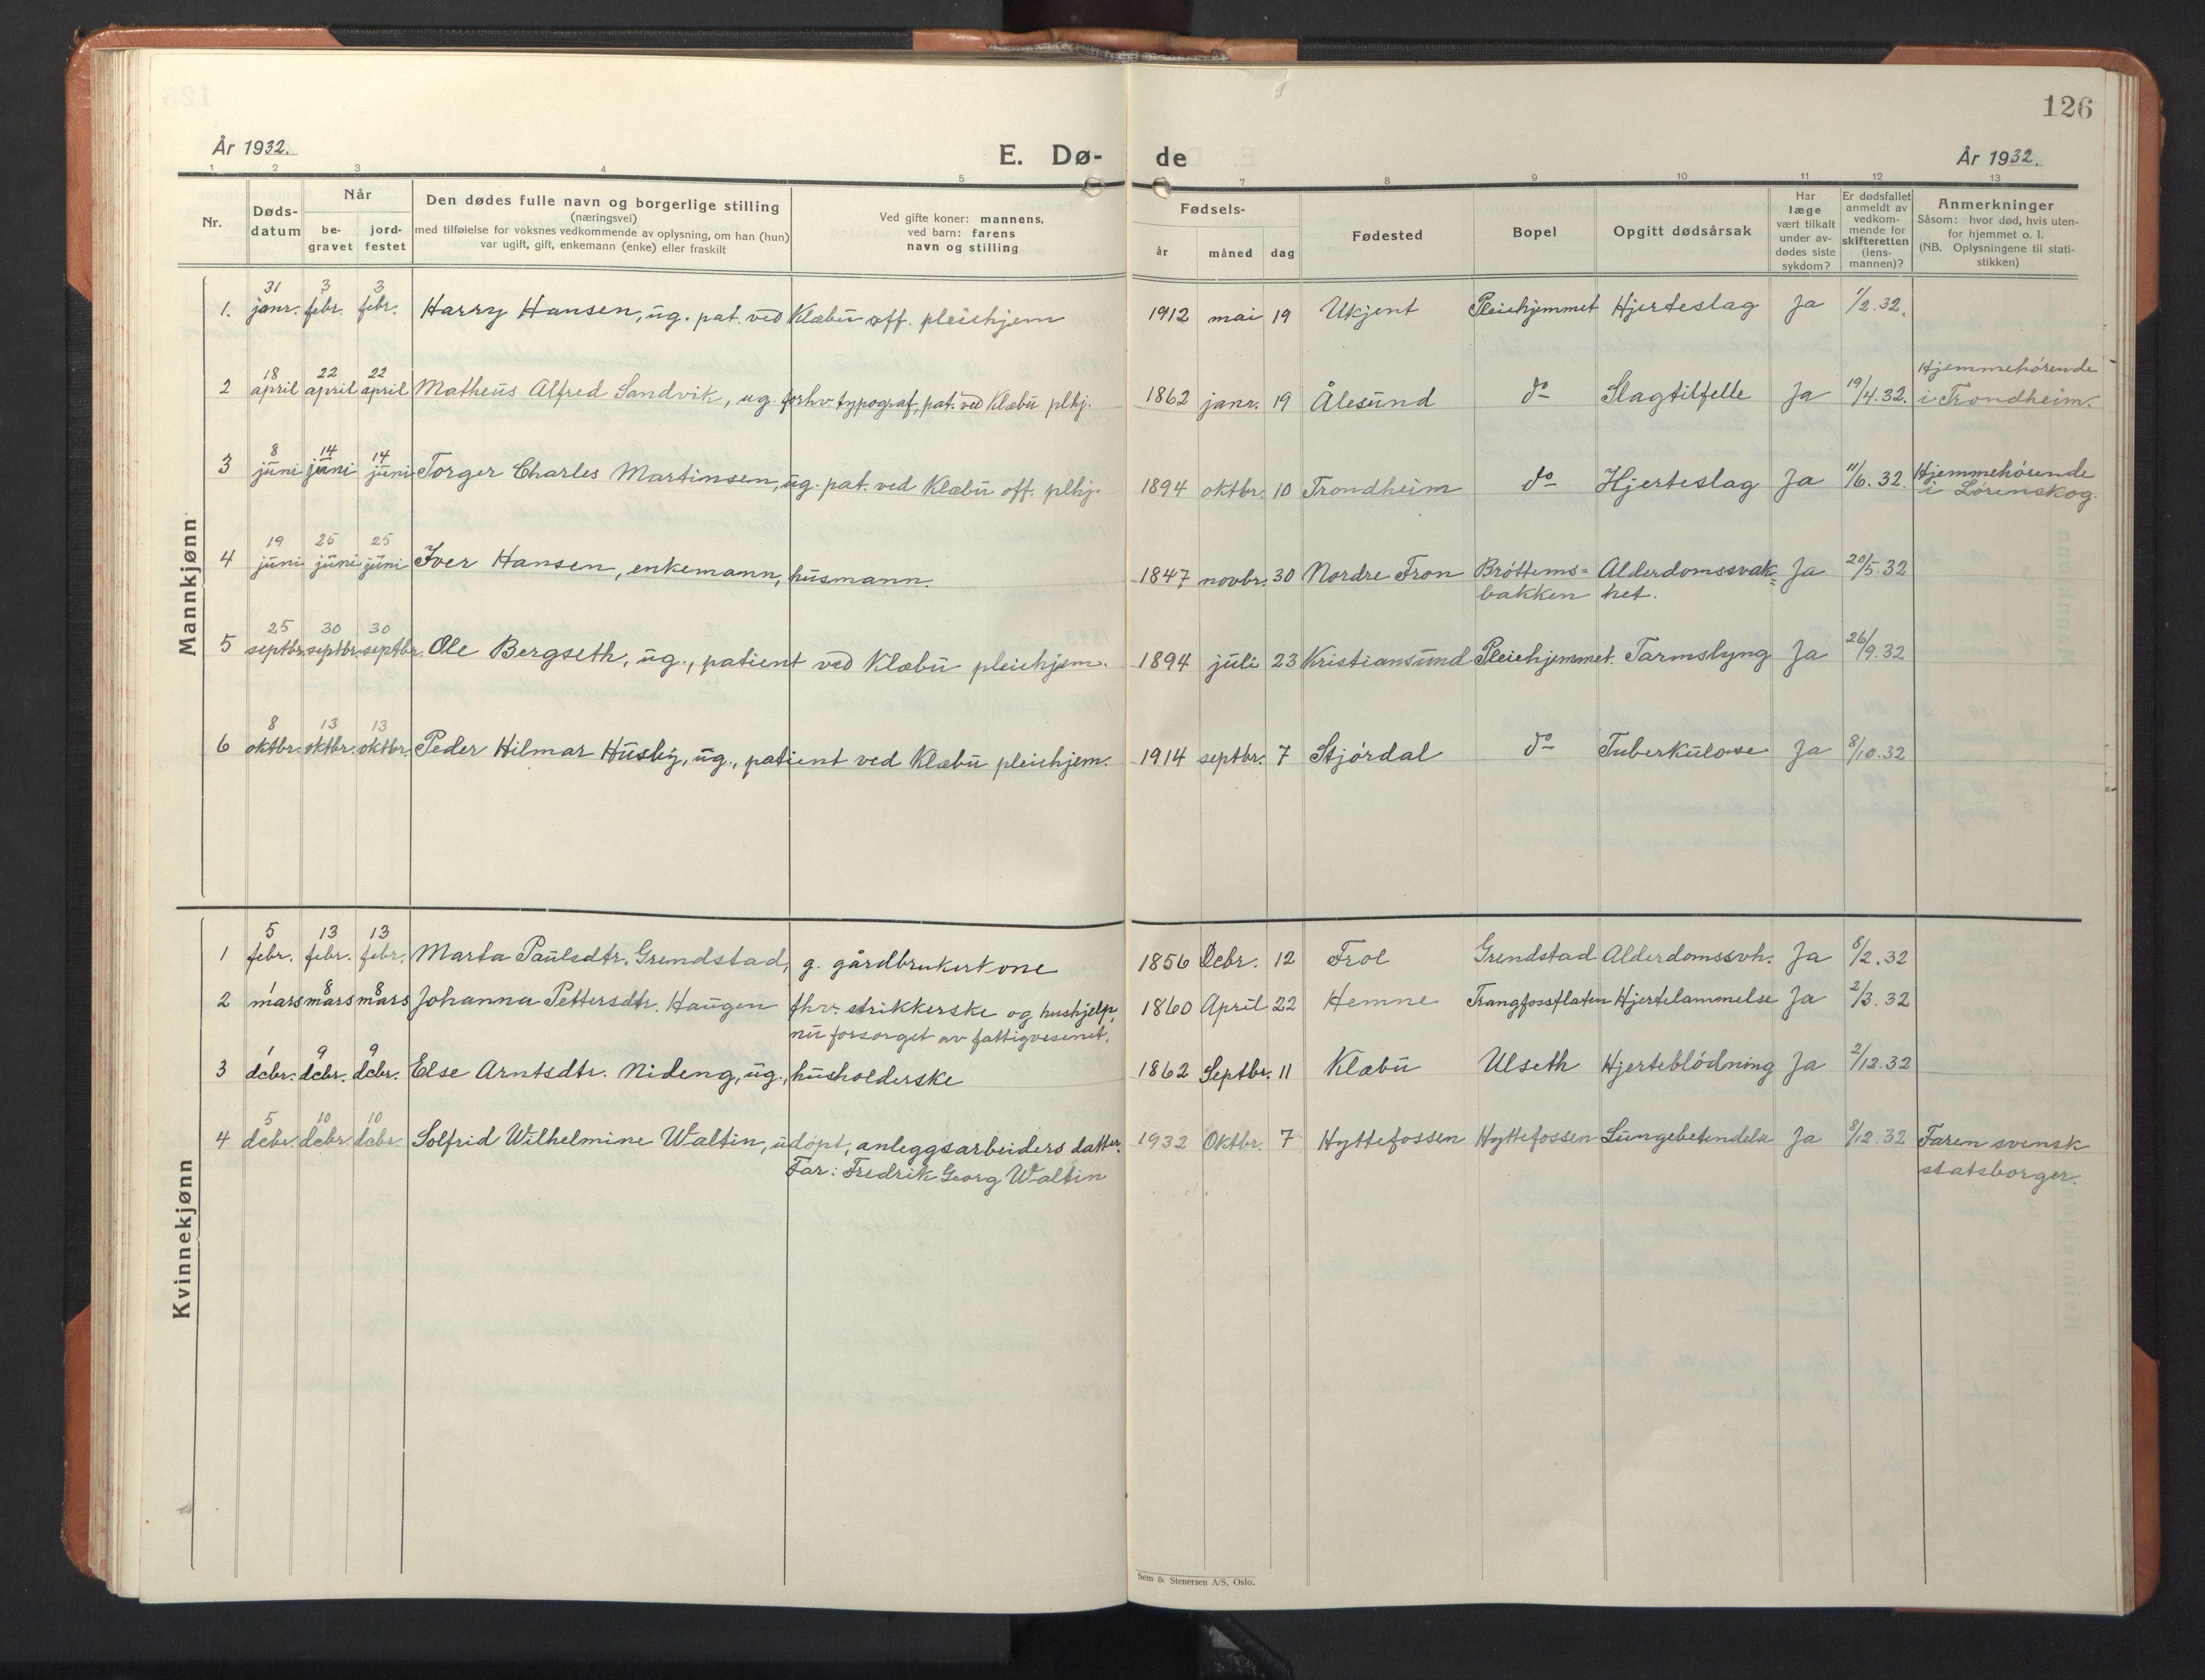 SAT, Ministerialprotokoller, klokkerbøker og fødselsregistre - Sør-Trøndelag, 618/L0454: Klokkerbok nr. 618C05, 1926-1946, s. 126